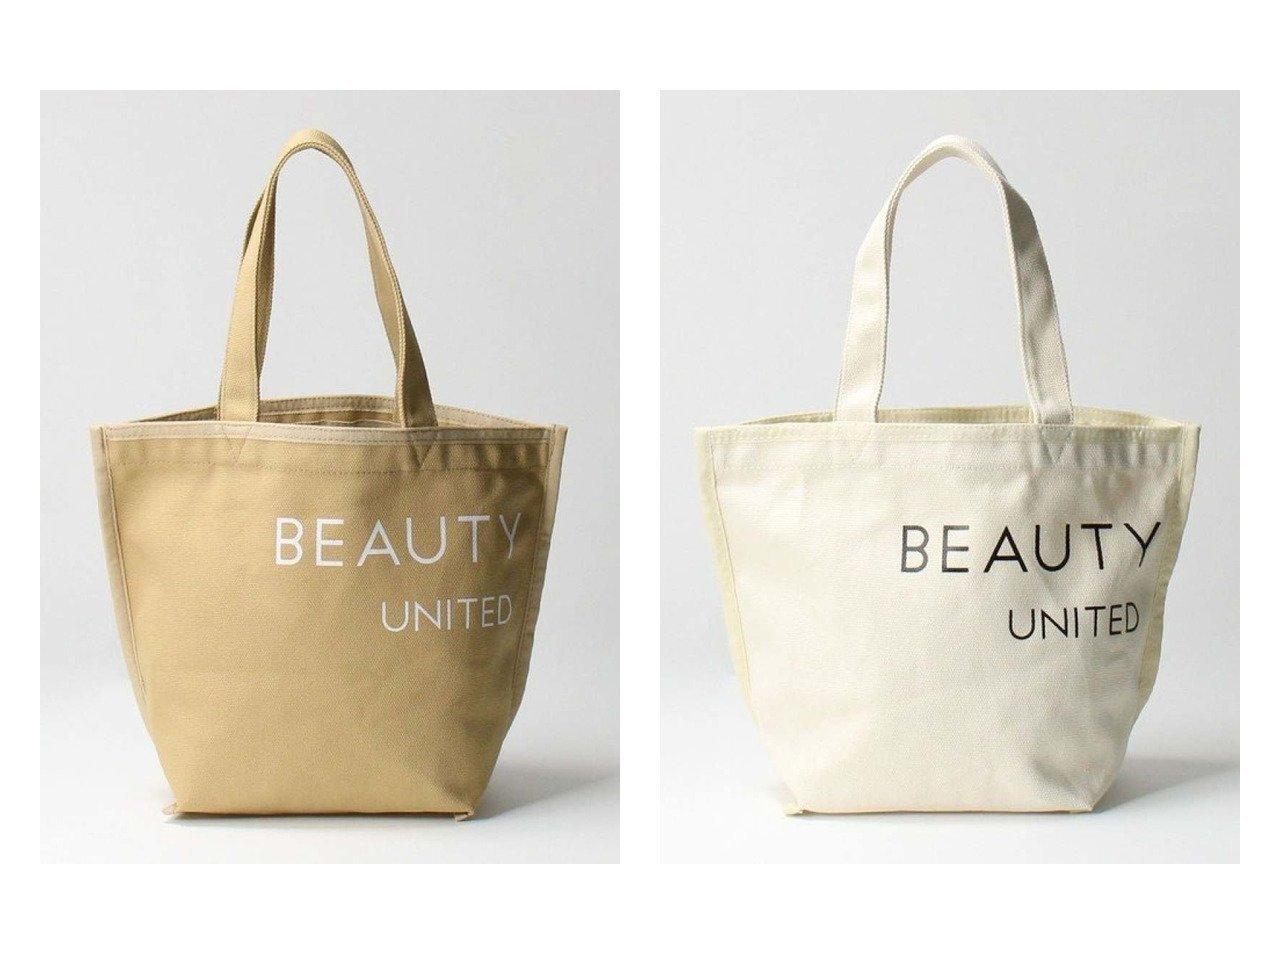 【BEAUTY&YOUTH / UNITED ARROWS/ビューティ&ユース ユナイテッドアローズ】のBY キャンバスロゴトートバッグ 【バッグ・鞄】おすすめ!人気、トレンド・レディースファッションの通販  おすすめで人気の流行・トレンド、ファッションの通販商品 メンズファッション・キッズファッション・インテリア・家具・レディースファッション・服の通販 founy(ファニー) https://founy.com/ ファッション Fashion レディースファッション WOMEN バッグ Bag キャンバス シンプル プリント ポケット モノトーン  ID:crp329100000026330